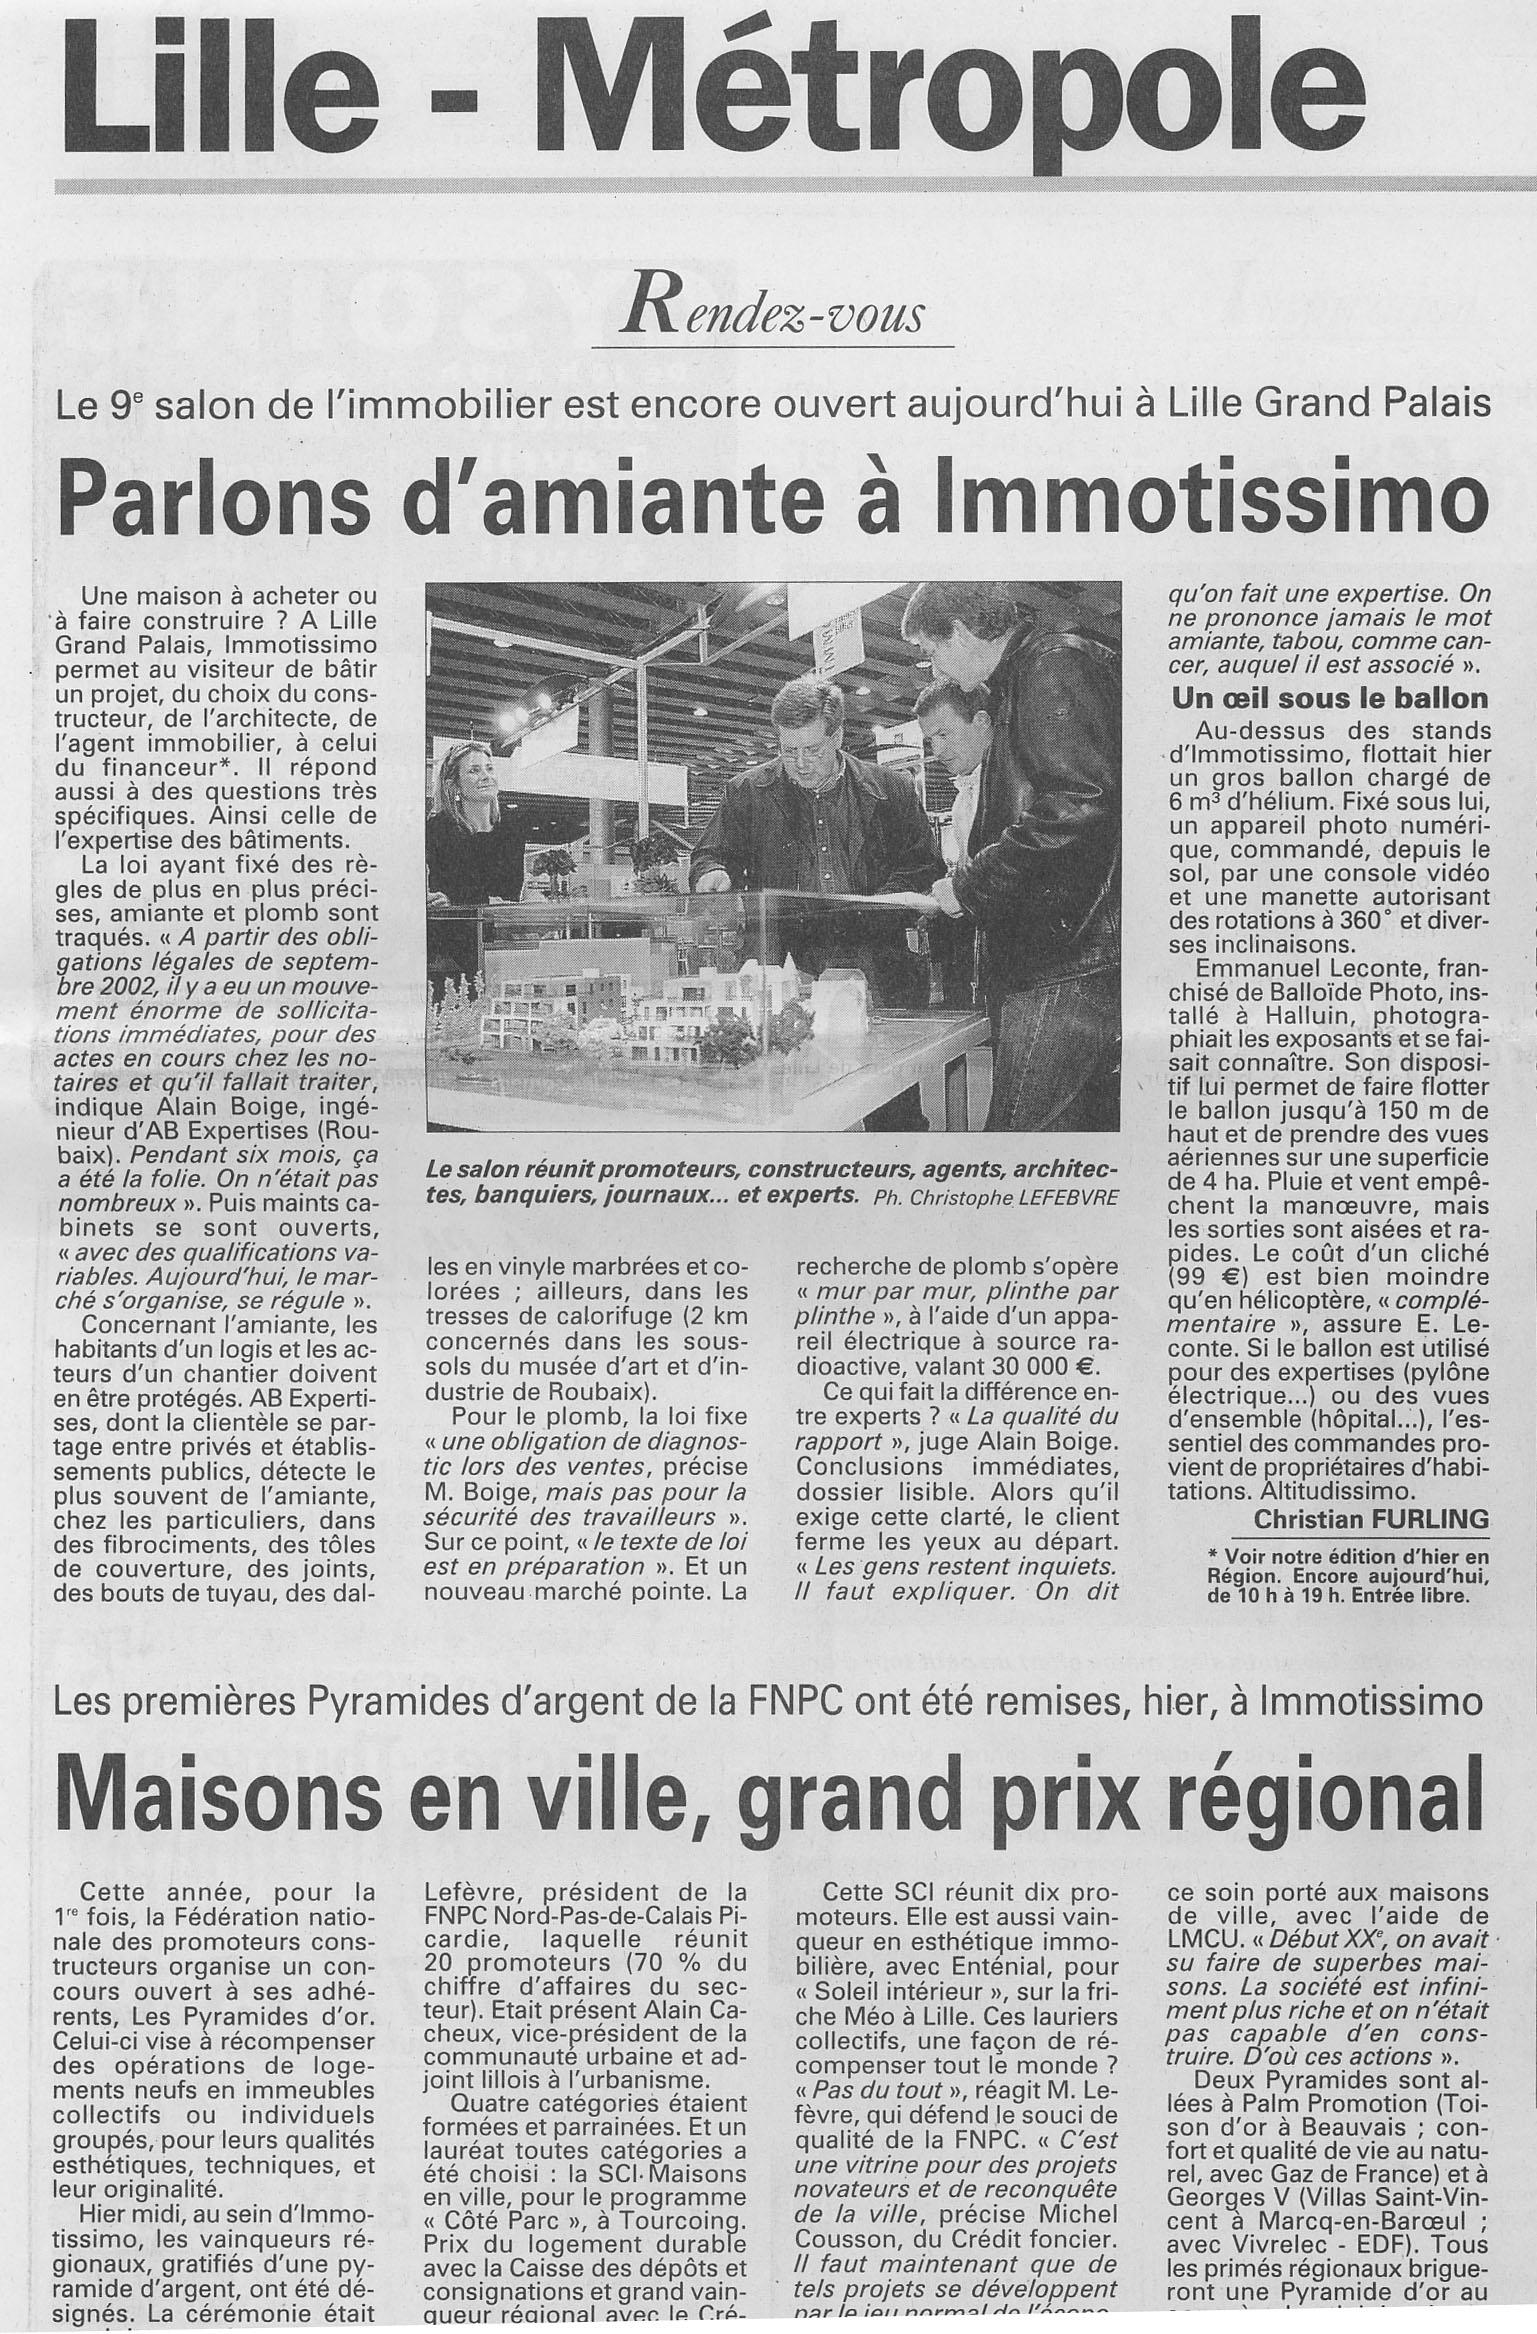 Article de presse sur le Salon Immotissimo